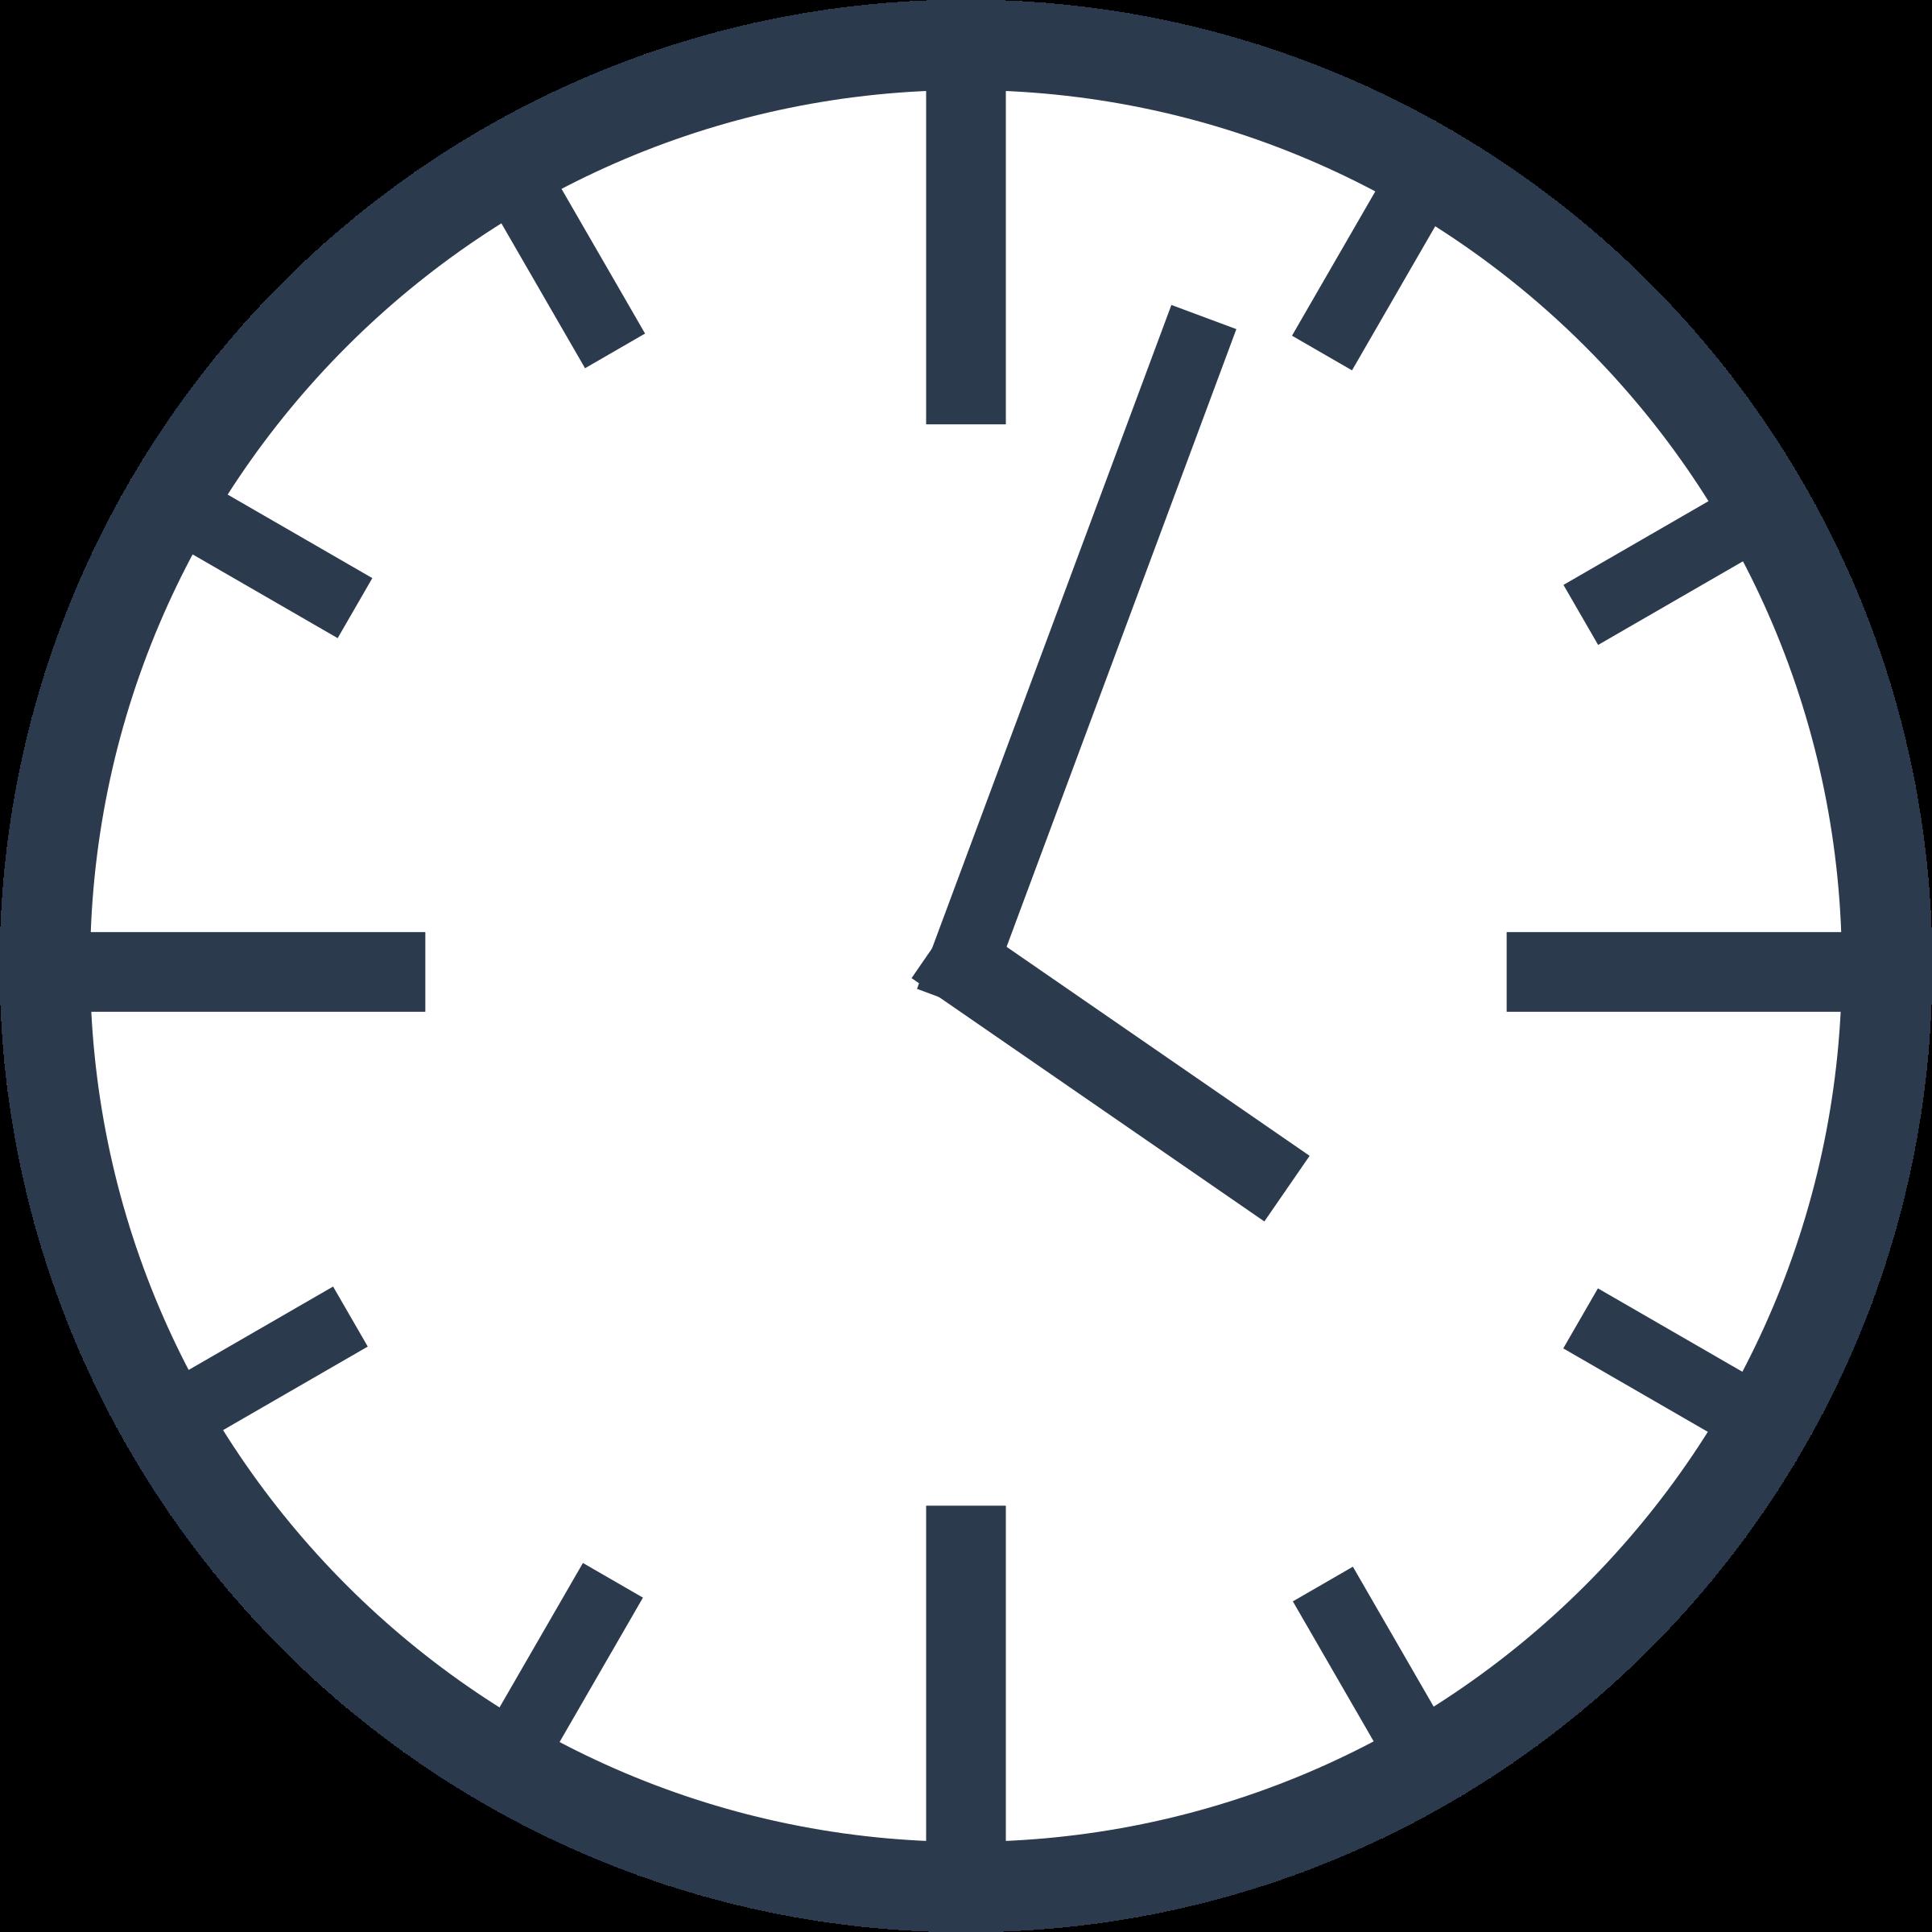 Uhr clipart kostenlos image transparent download Clipart uhr - ClipartFox image transparent download